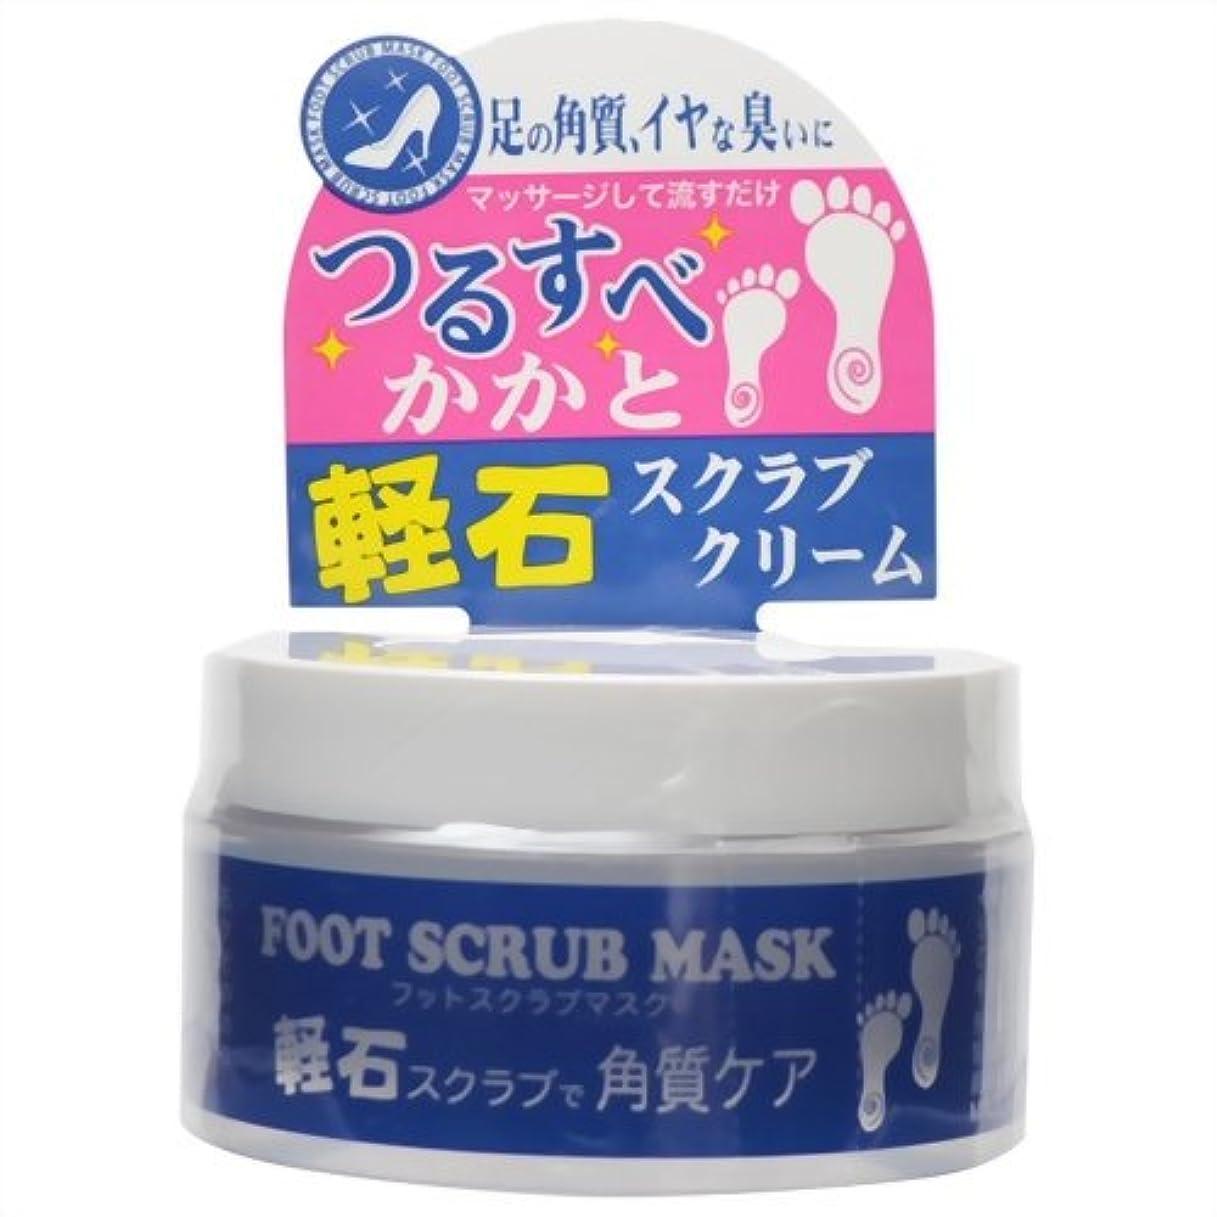 軽量研磨剤参加するフットスクラブマスク